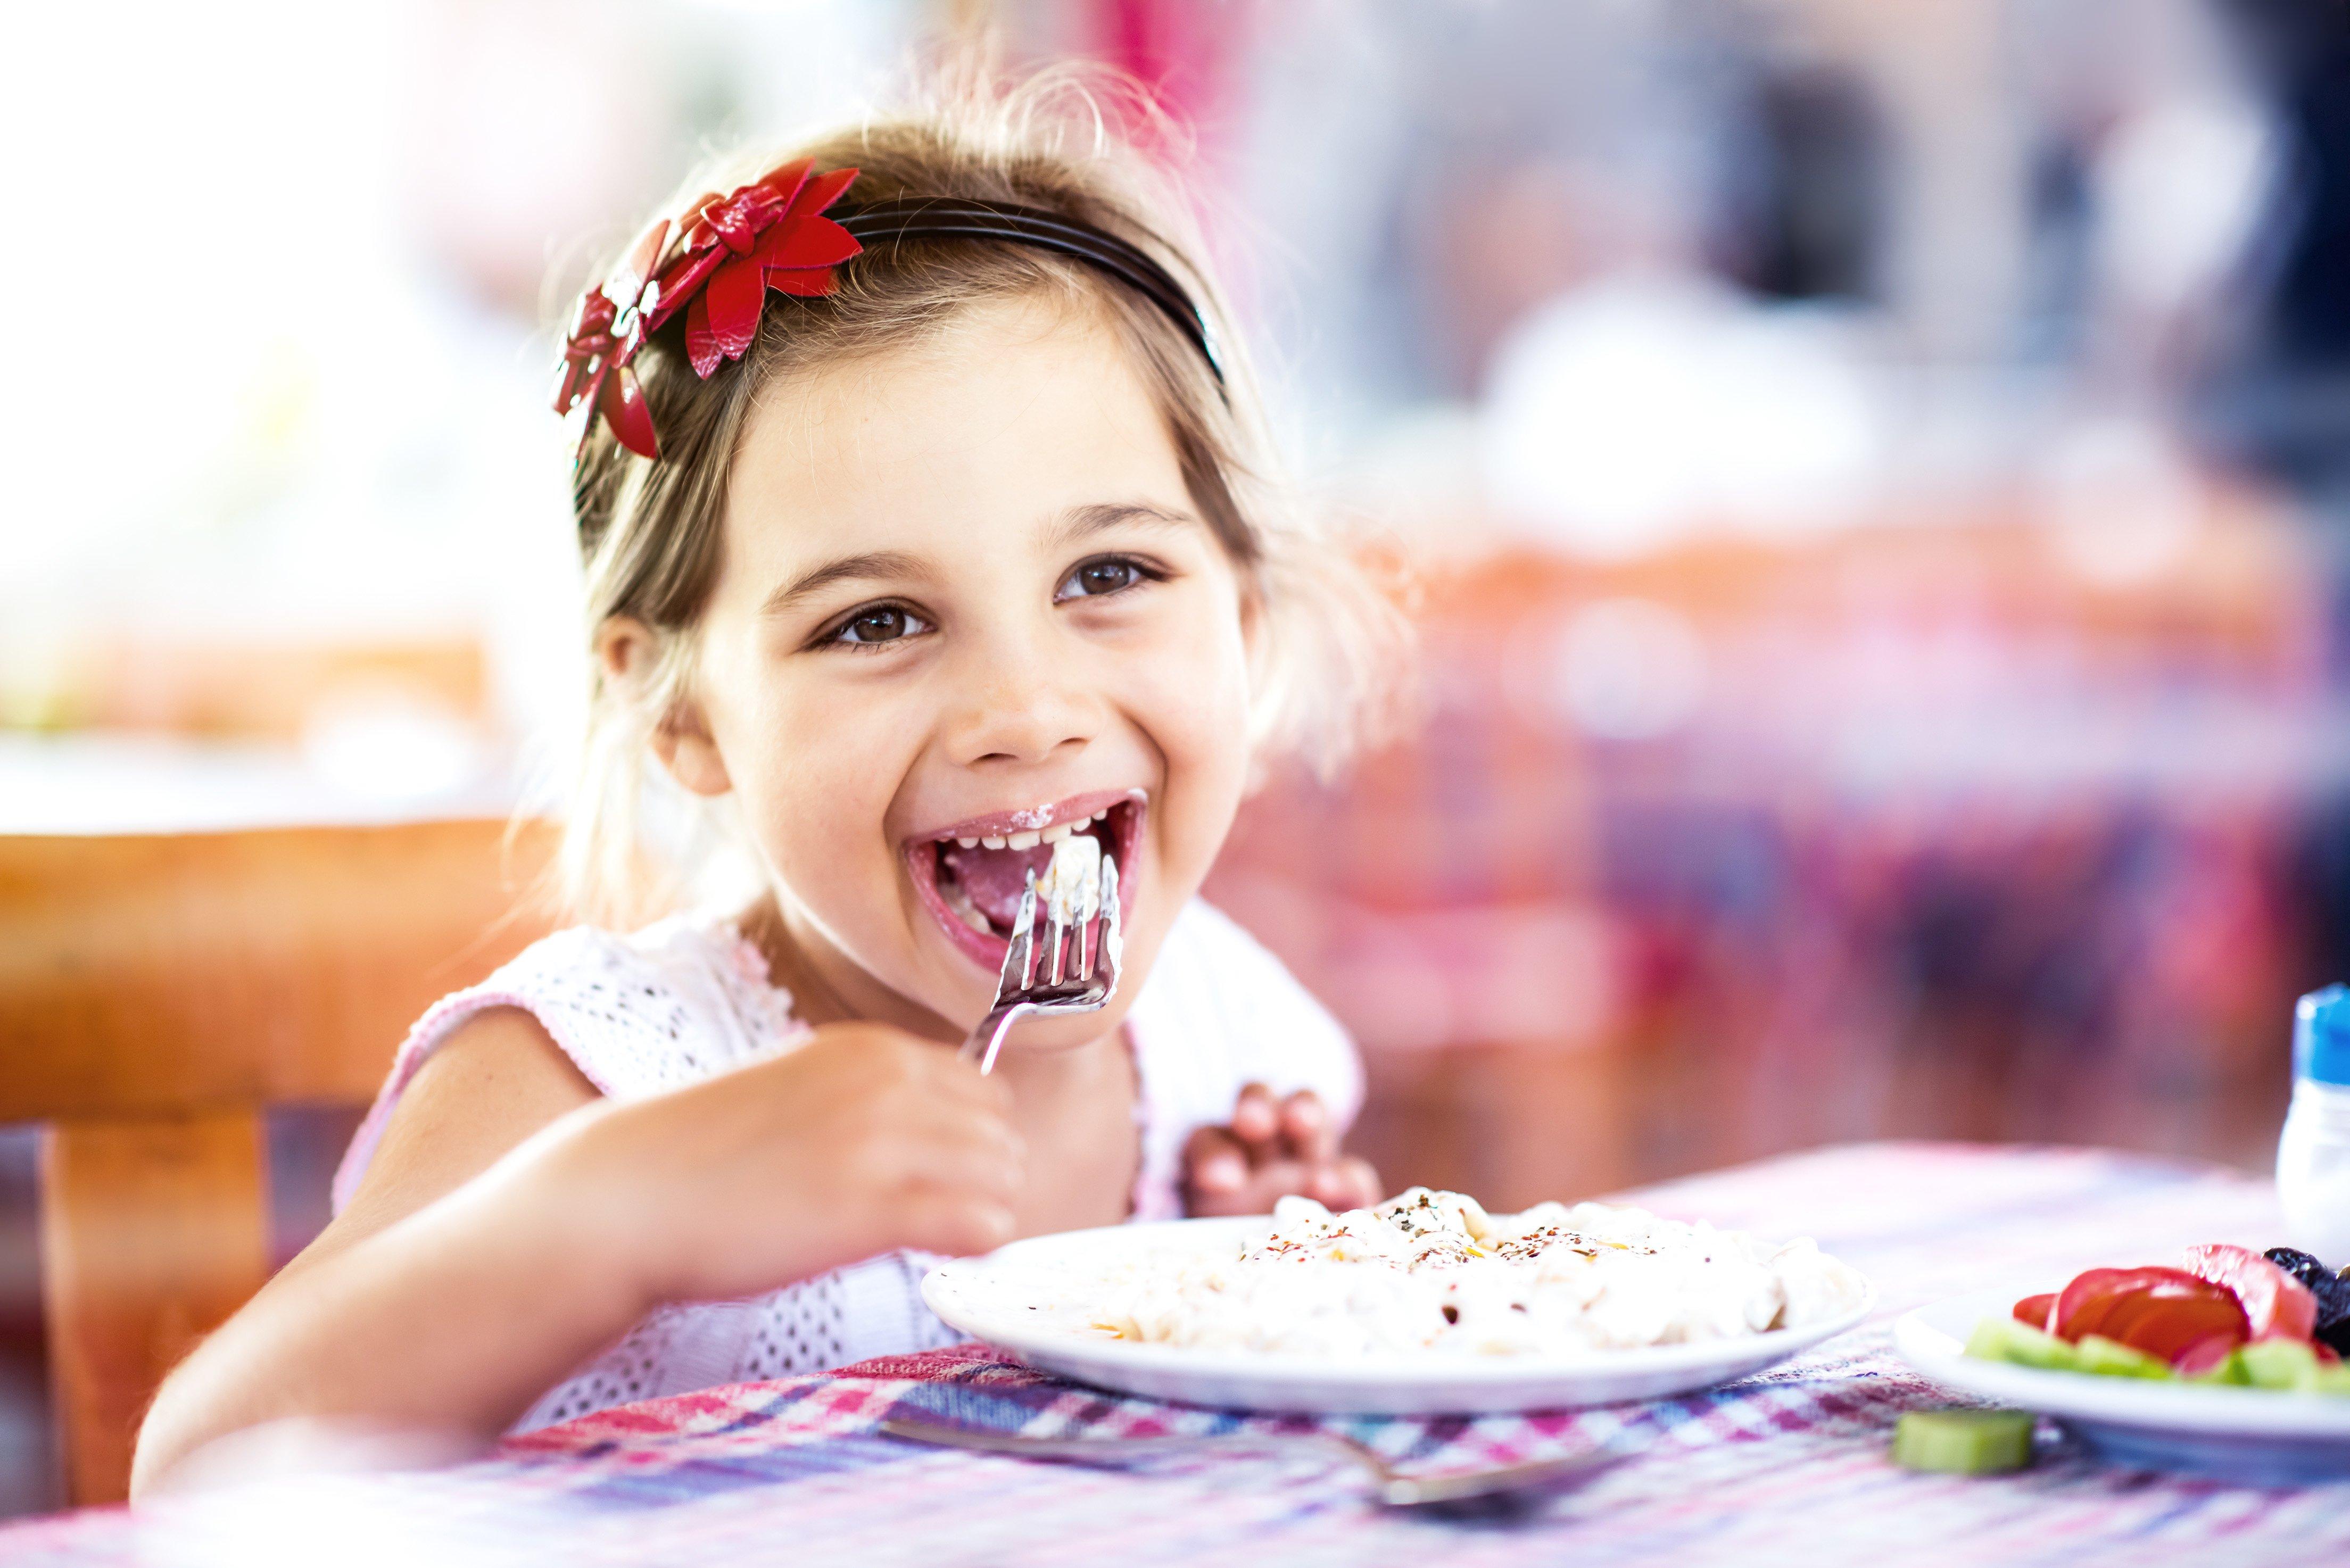 kleines mädchen isst im restaurant